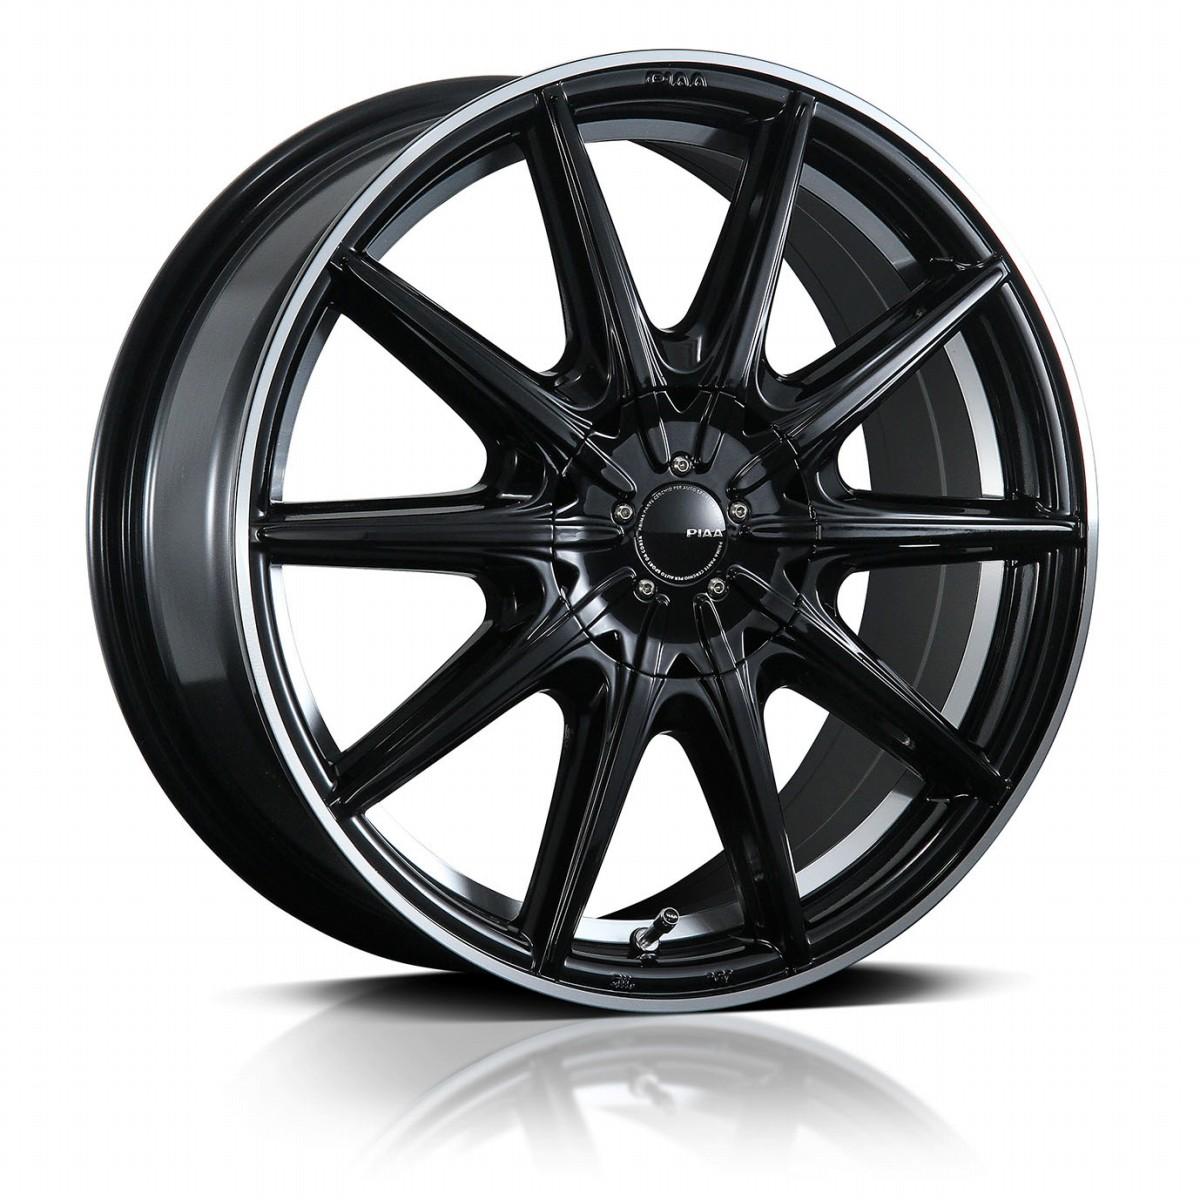 PIAA ピア EURO SPORT S10-R ユーロスポルト S10R ホイール 4本セット 18インチ ブラック系 7.0J PCD100&114.3 10穴 スポーク ミニバン・ワゴン・セダン・スポーツカー